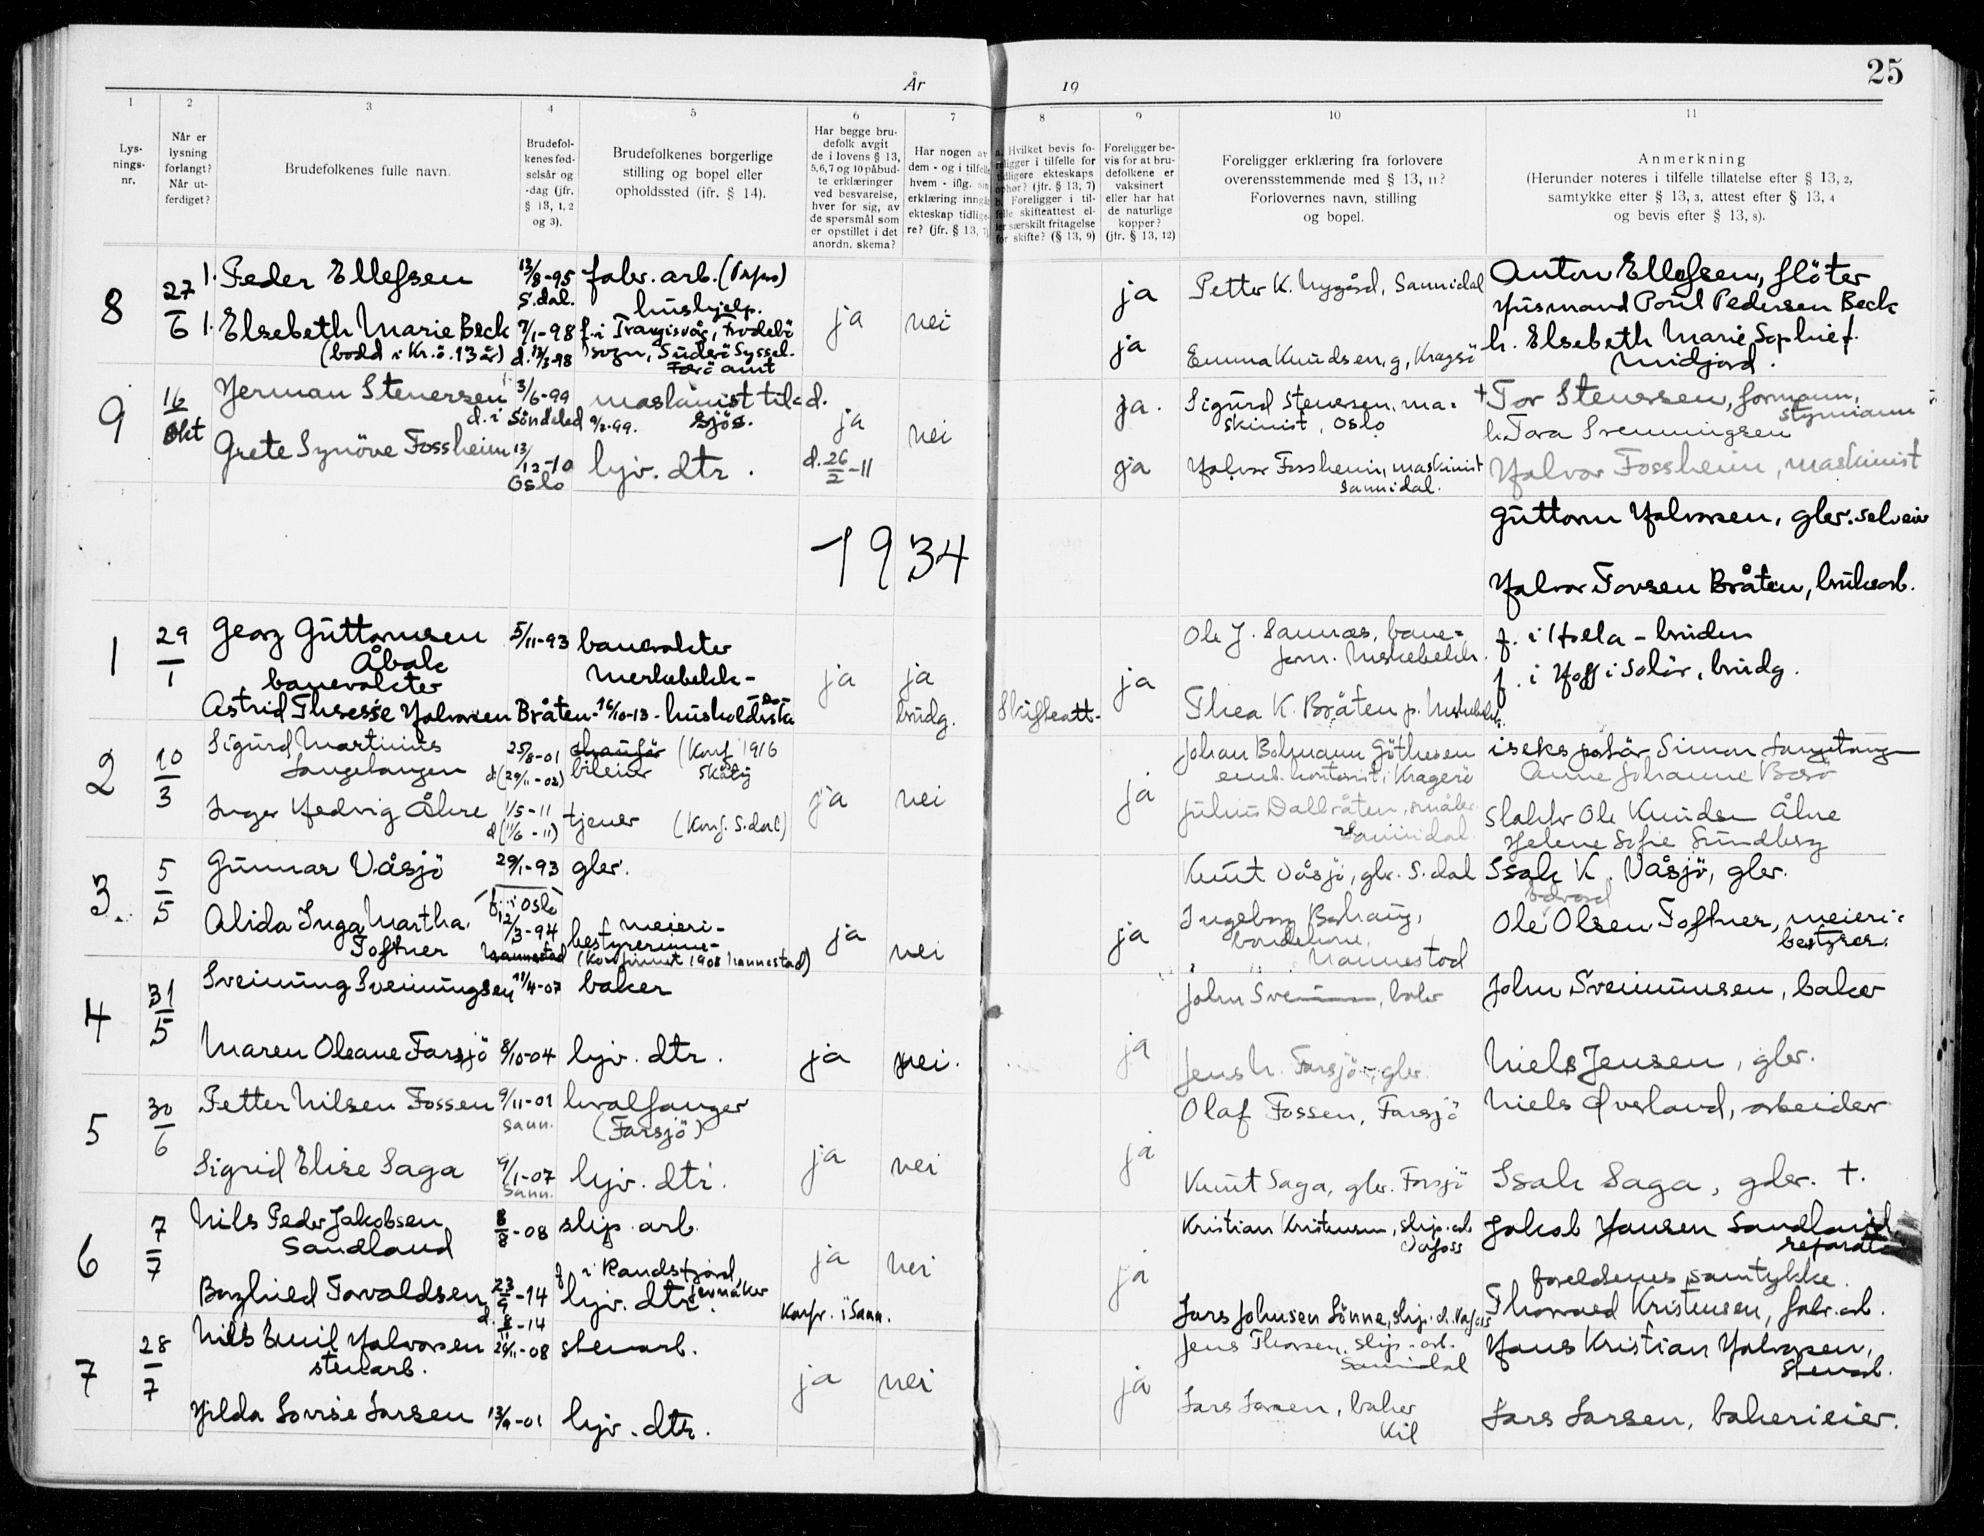 SAKO, Sannidal kirkebøker, H/Ha/L0002: Lysningsprotokoll nr. 2, 1919-1942, s. 25